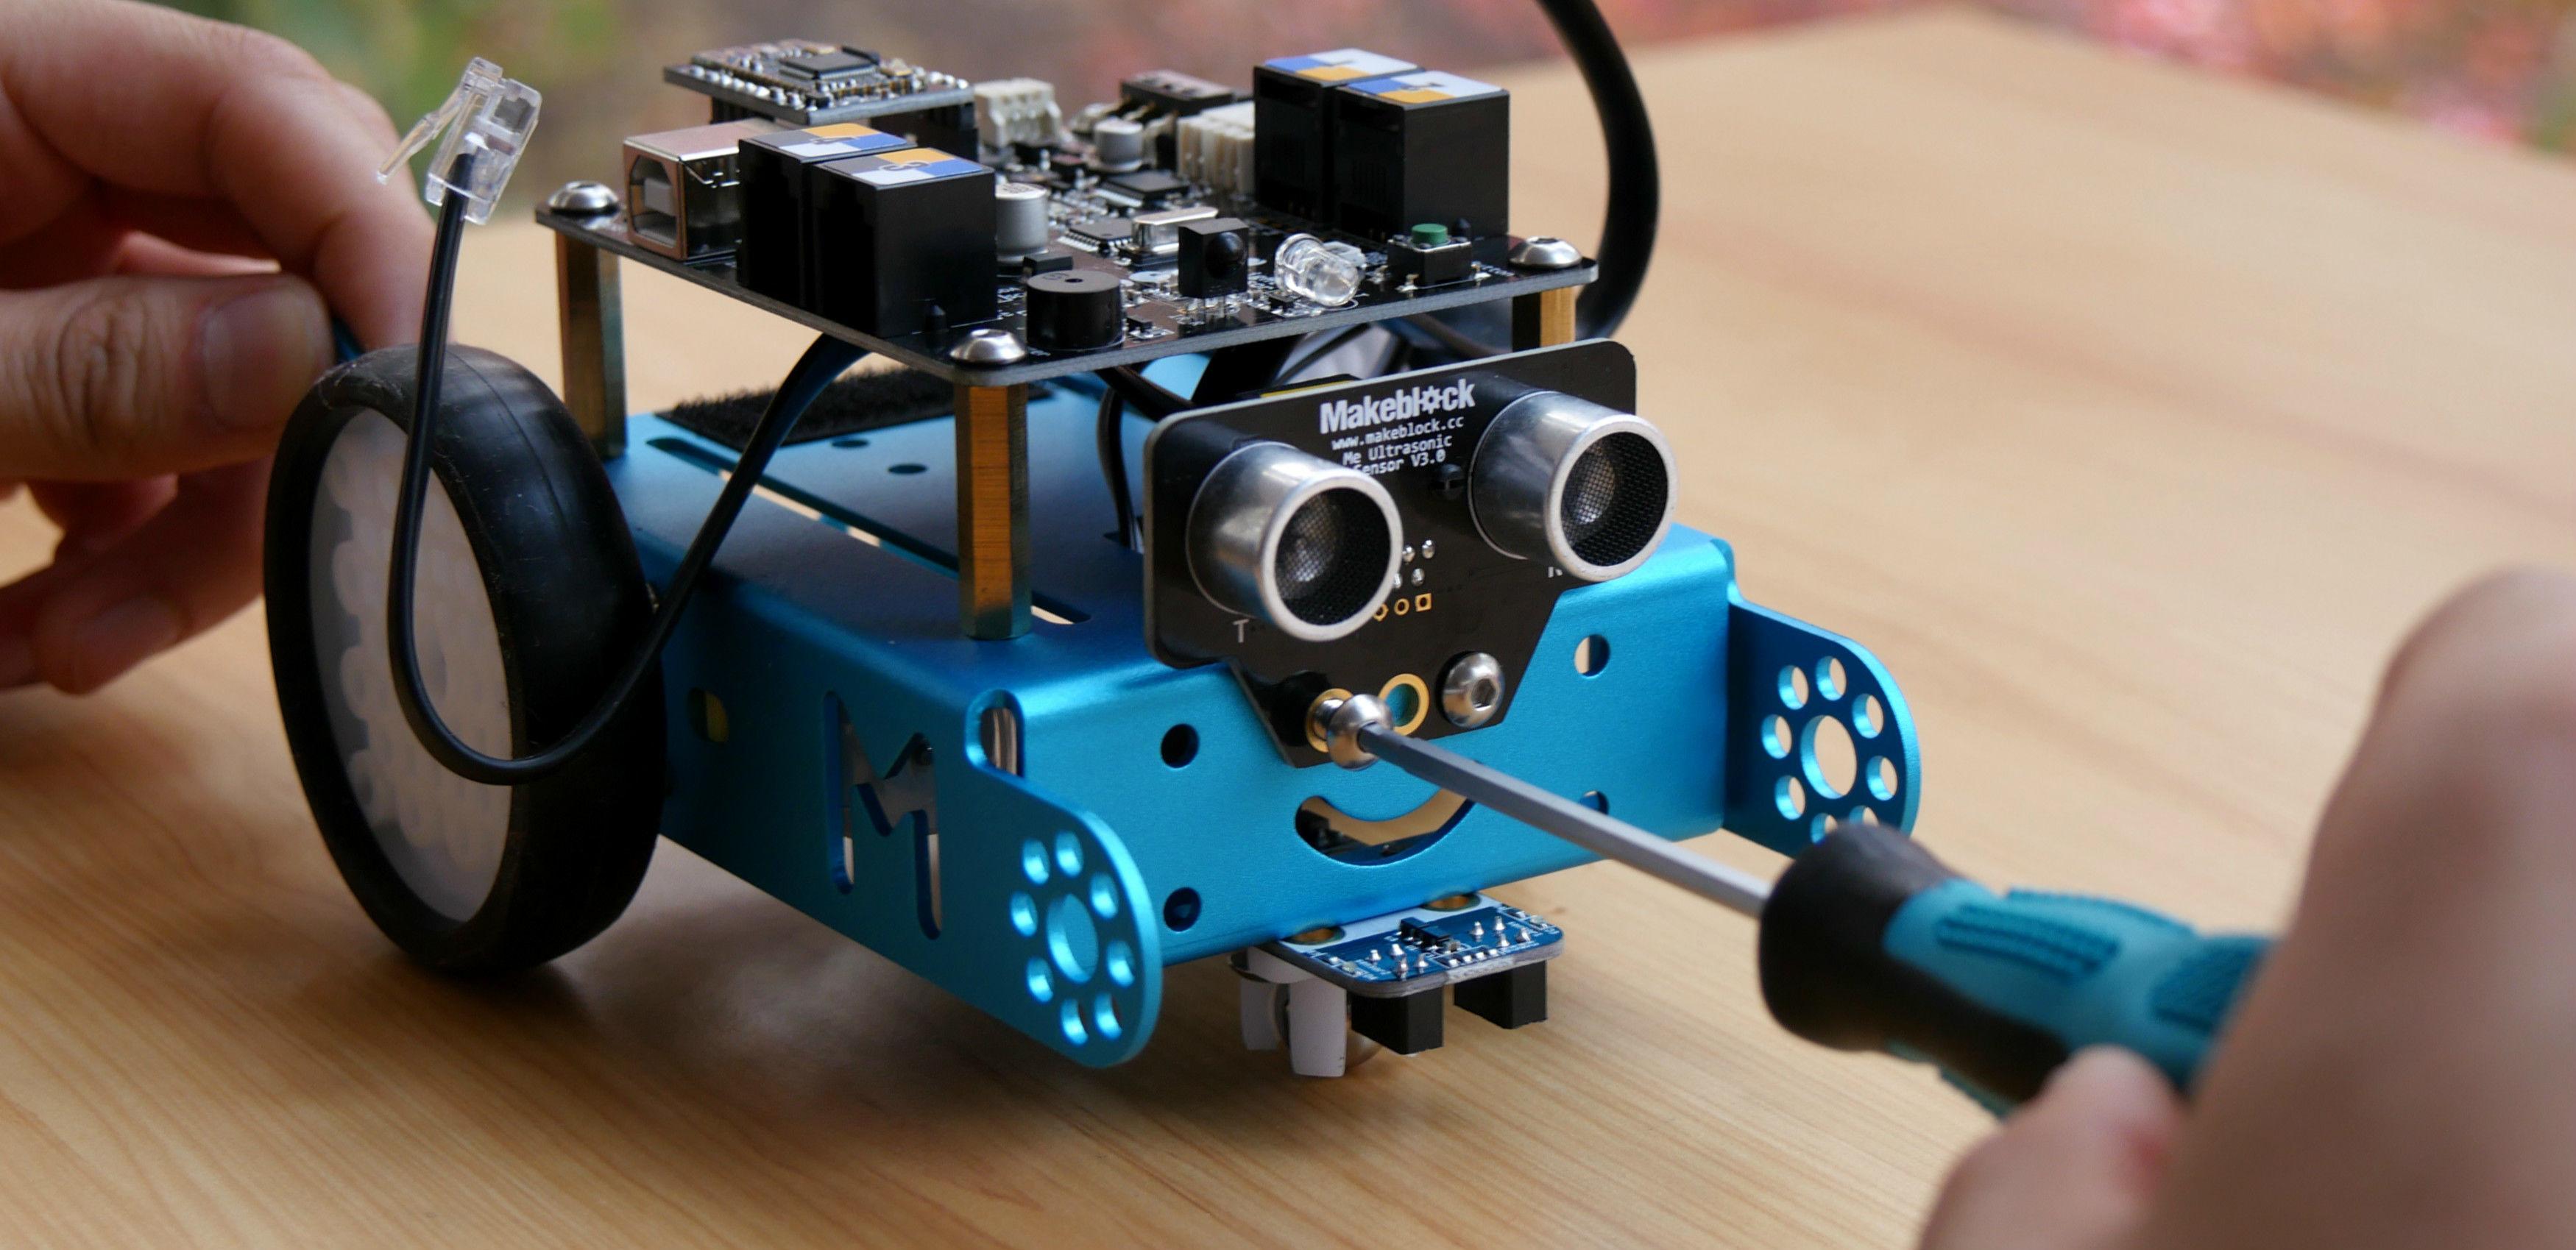 众测 | 听说程序猿家的孩子都玩这个机器人